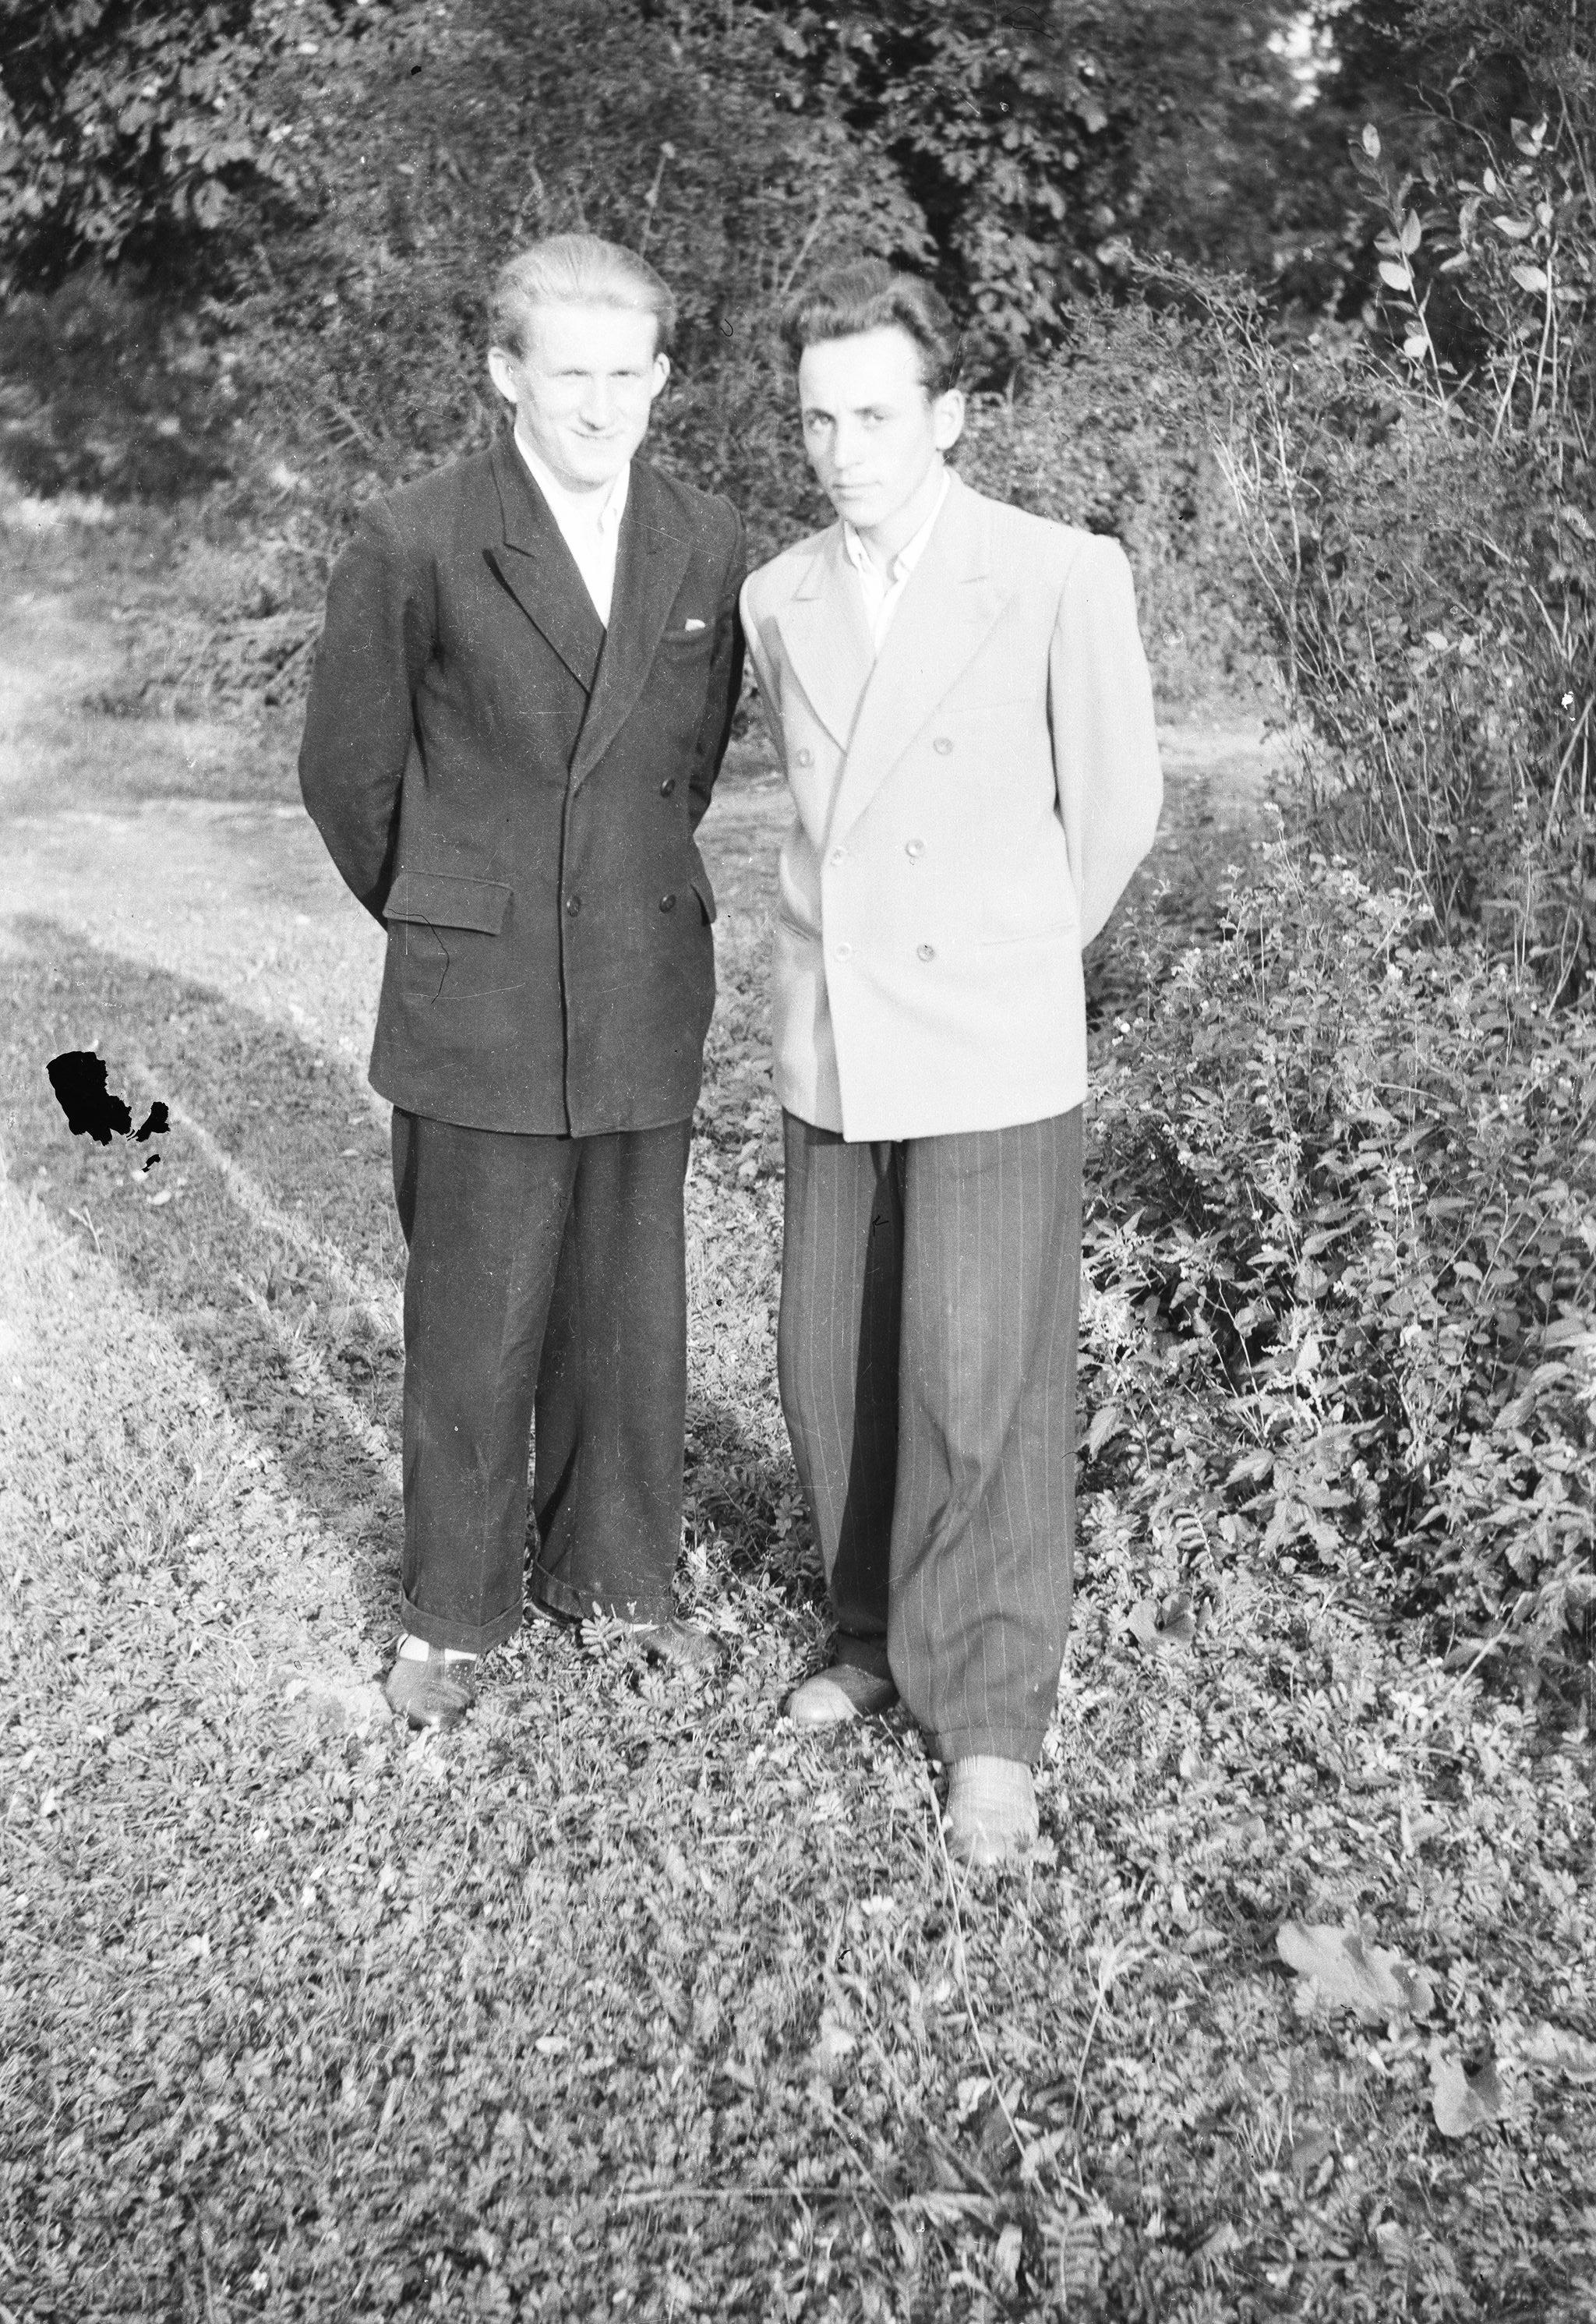 Od lewej: Józef Bieńko i Edek Pytel, Brzózka, Dolny Śląsk, lata 50. XX w.